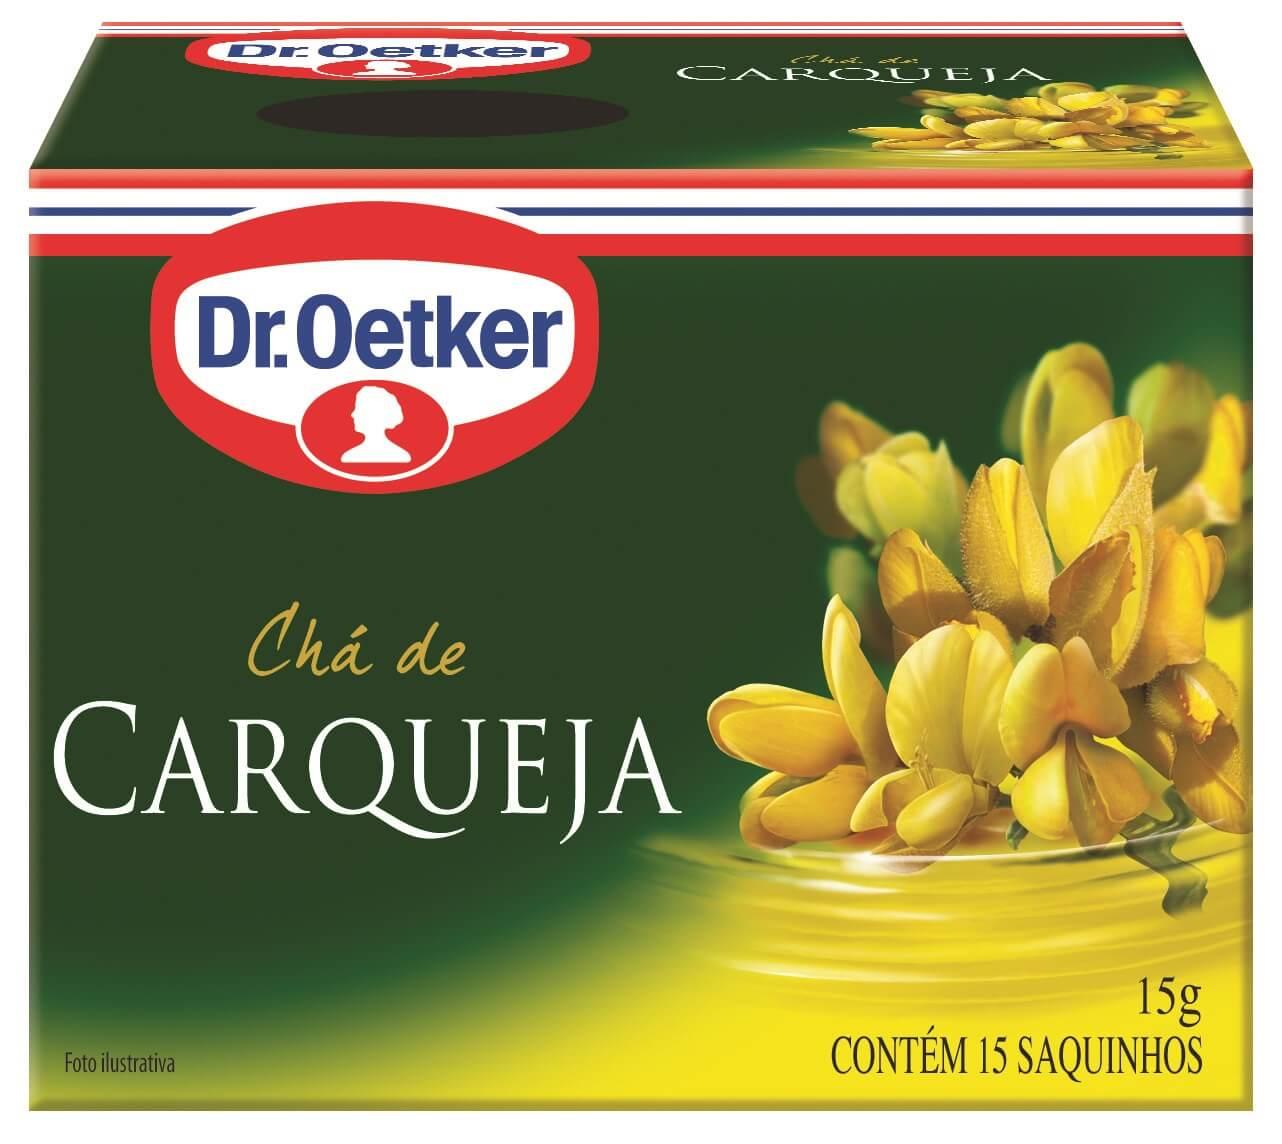 CHÁ DE CARQUEJA DR. OETKER KIT 2 CAIXAS